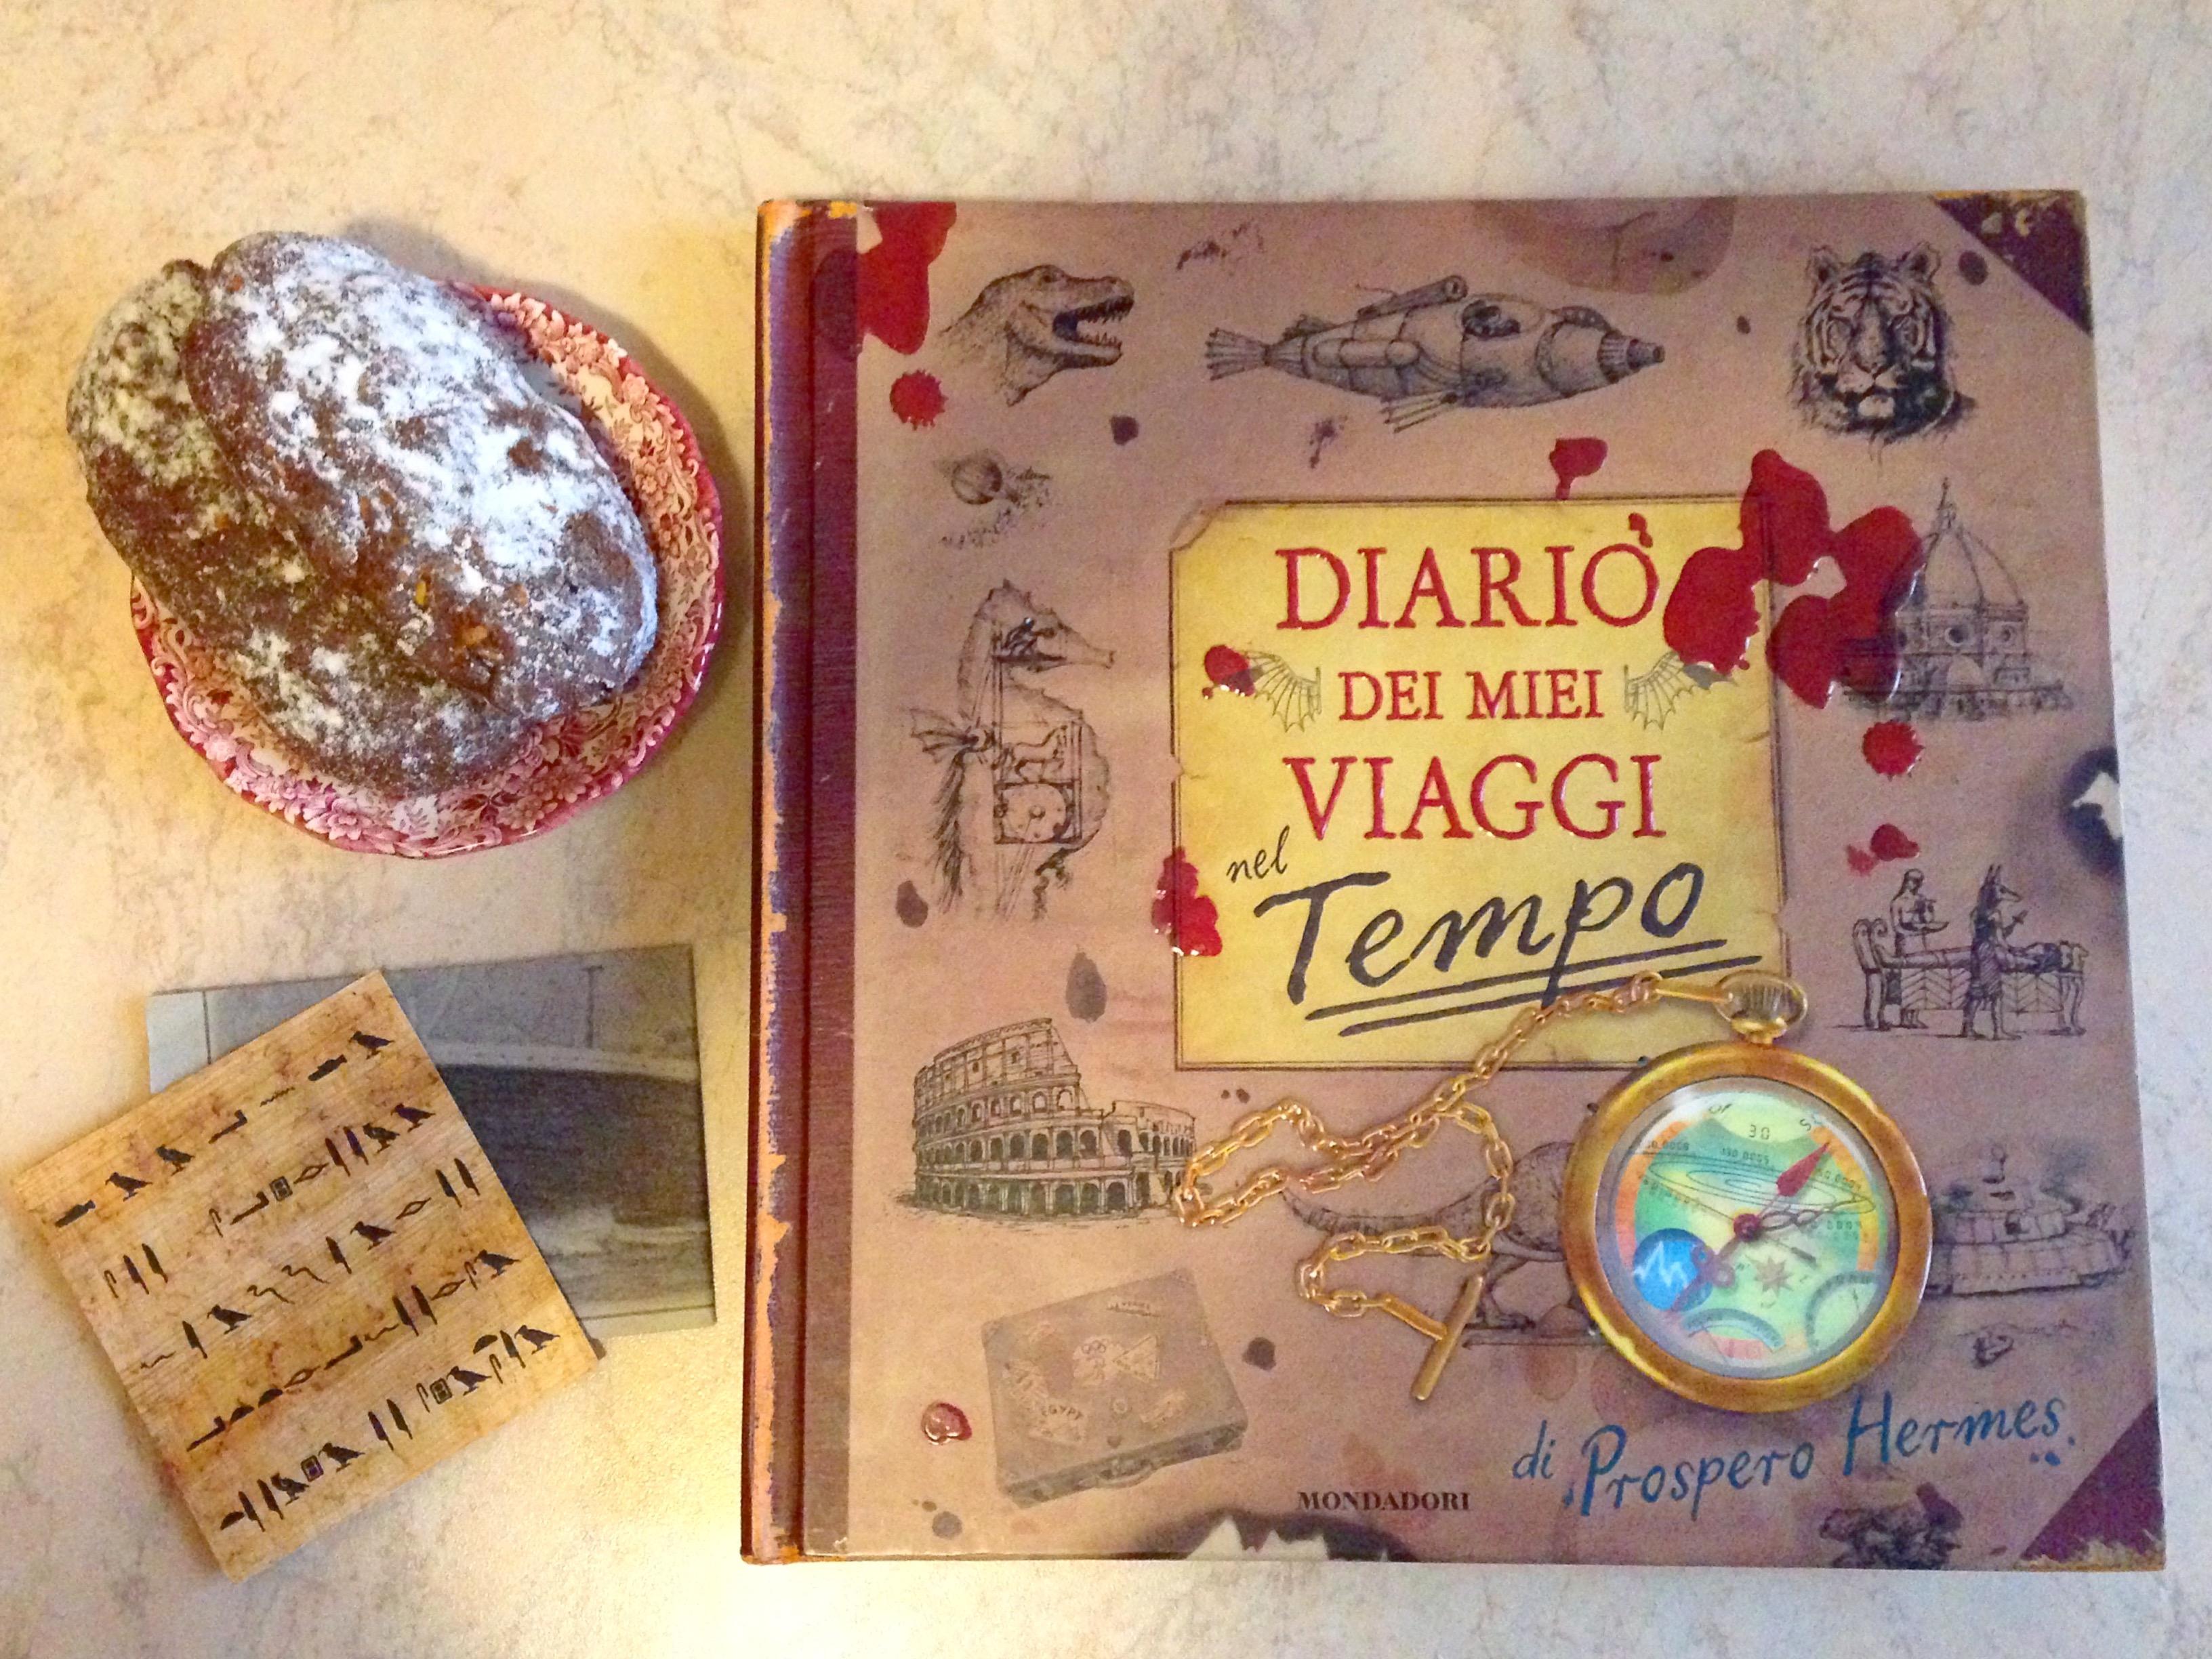 Diario dei miei viaggi nel tempo libri storia bambini